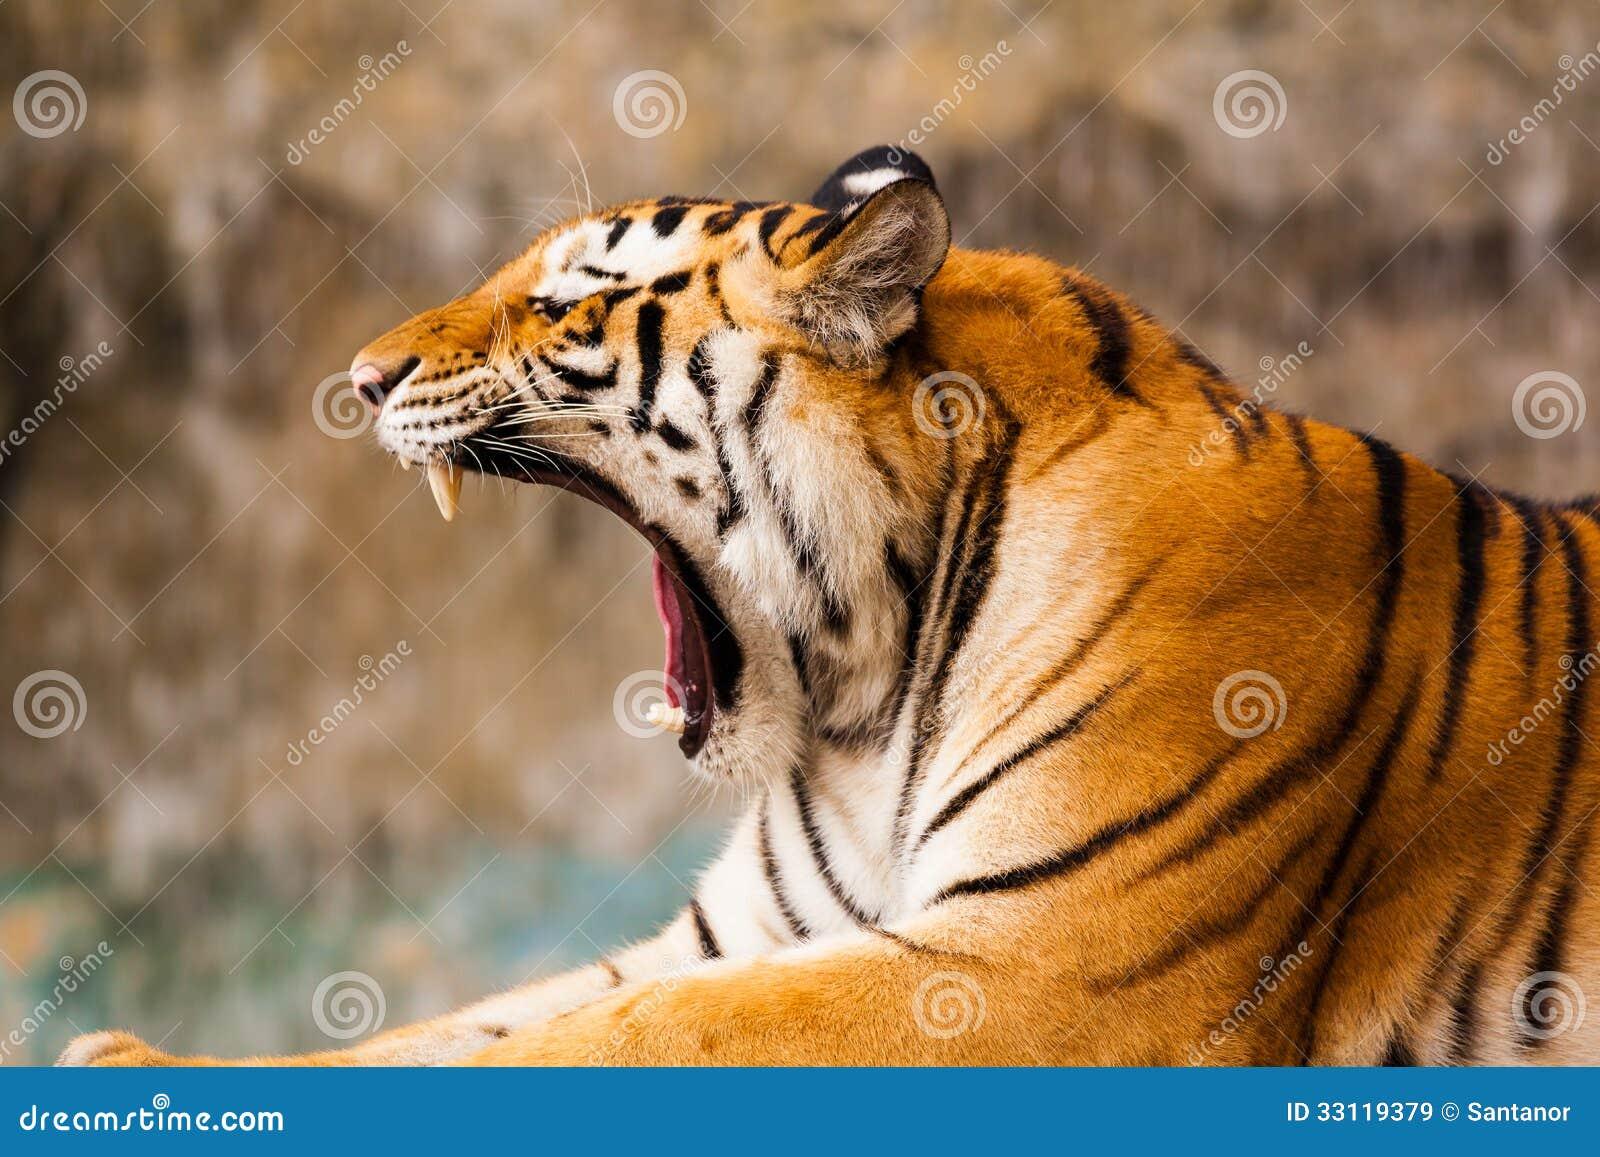 Tiger Roar Side View - photo#21